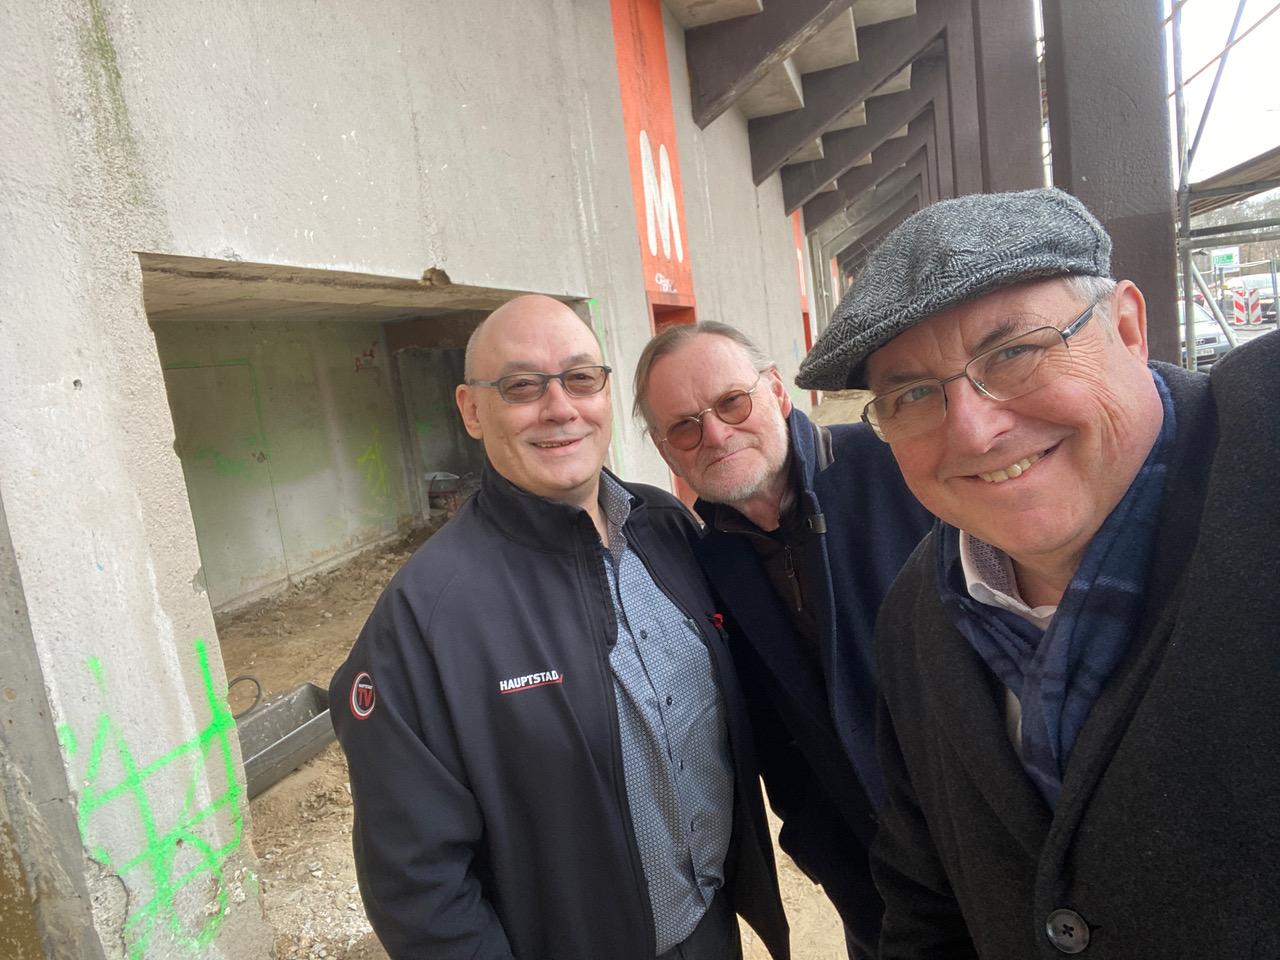 priv. -…….Henry C. Brinker mit den Berlin-Potsdamer Hauptstadt.TV-Geschäftsführern Uli Poesselt und Ulrich Rauhut.